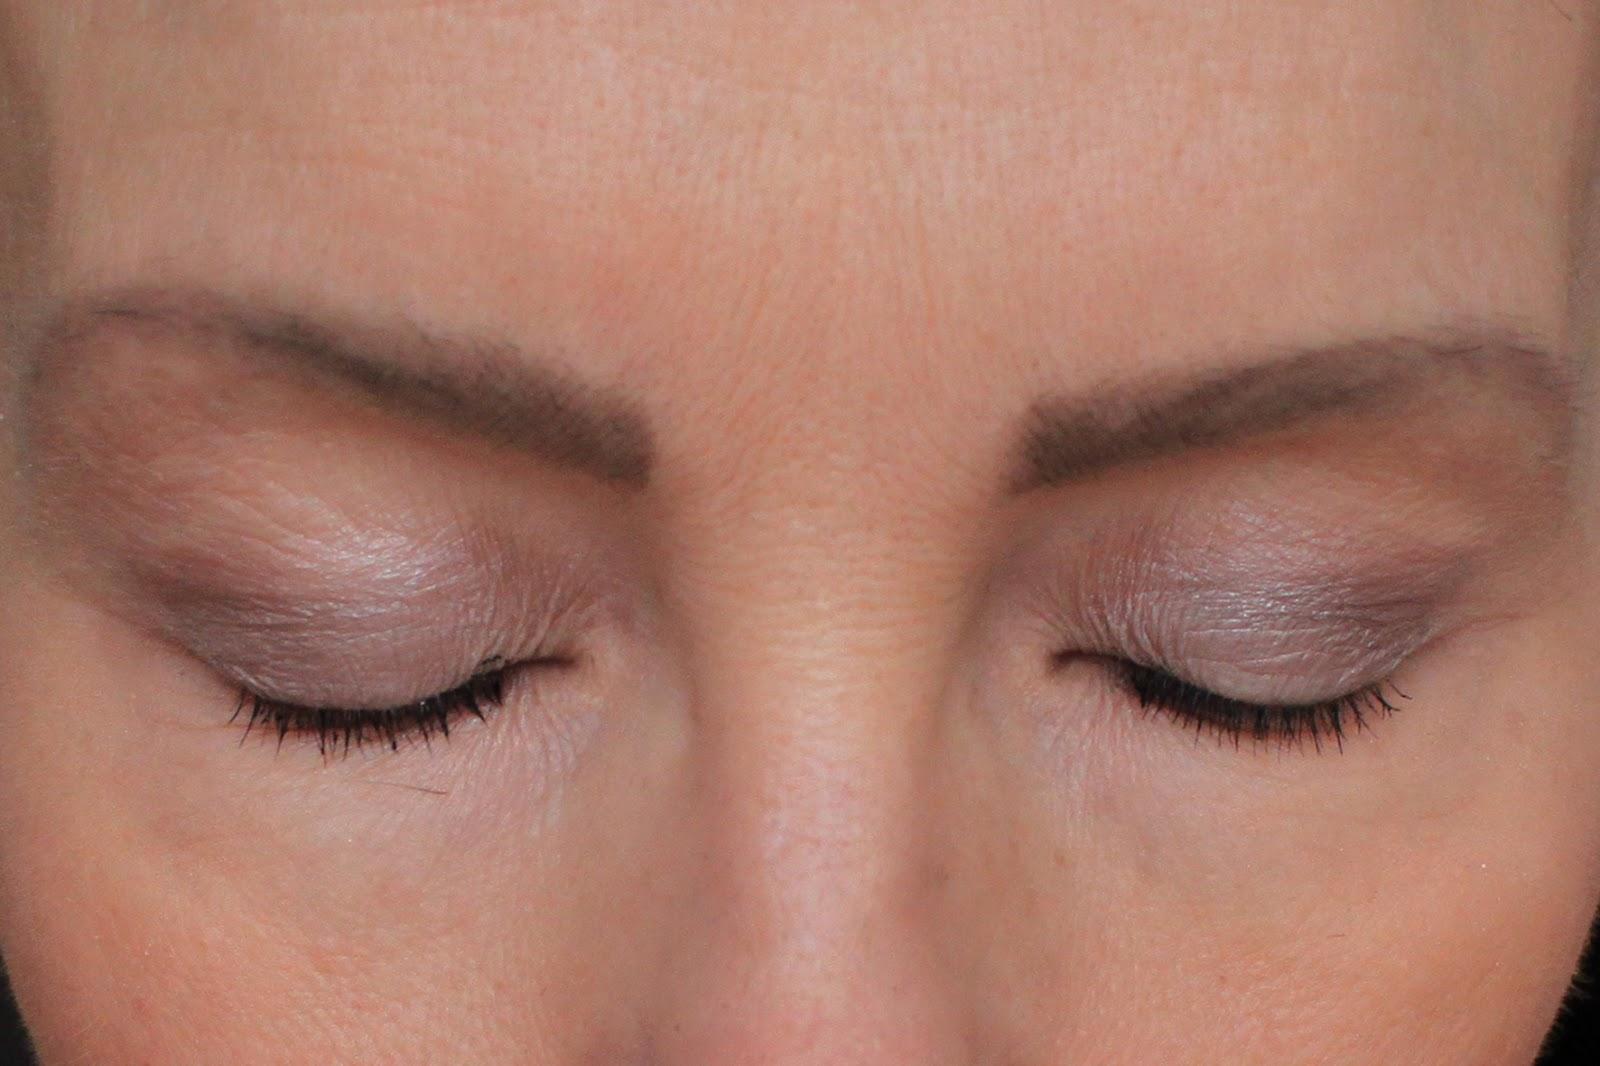 hur snabbt växer ögonfransar